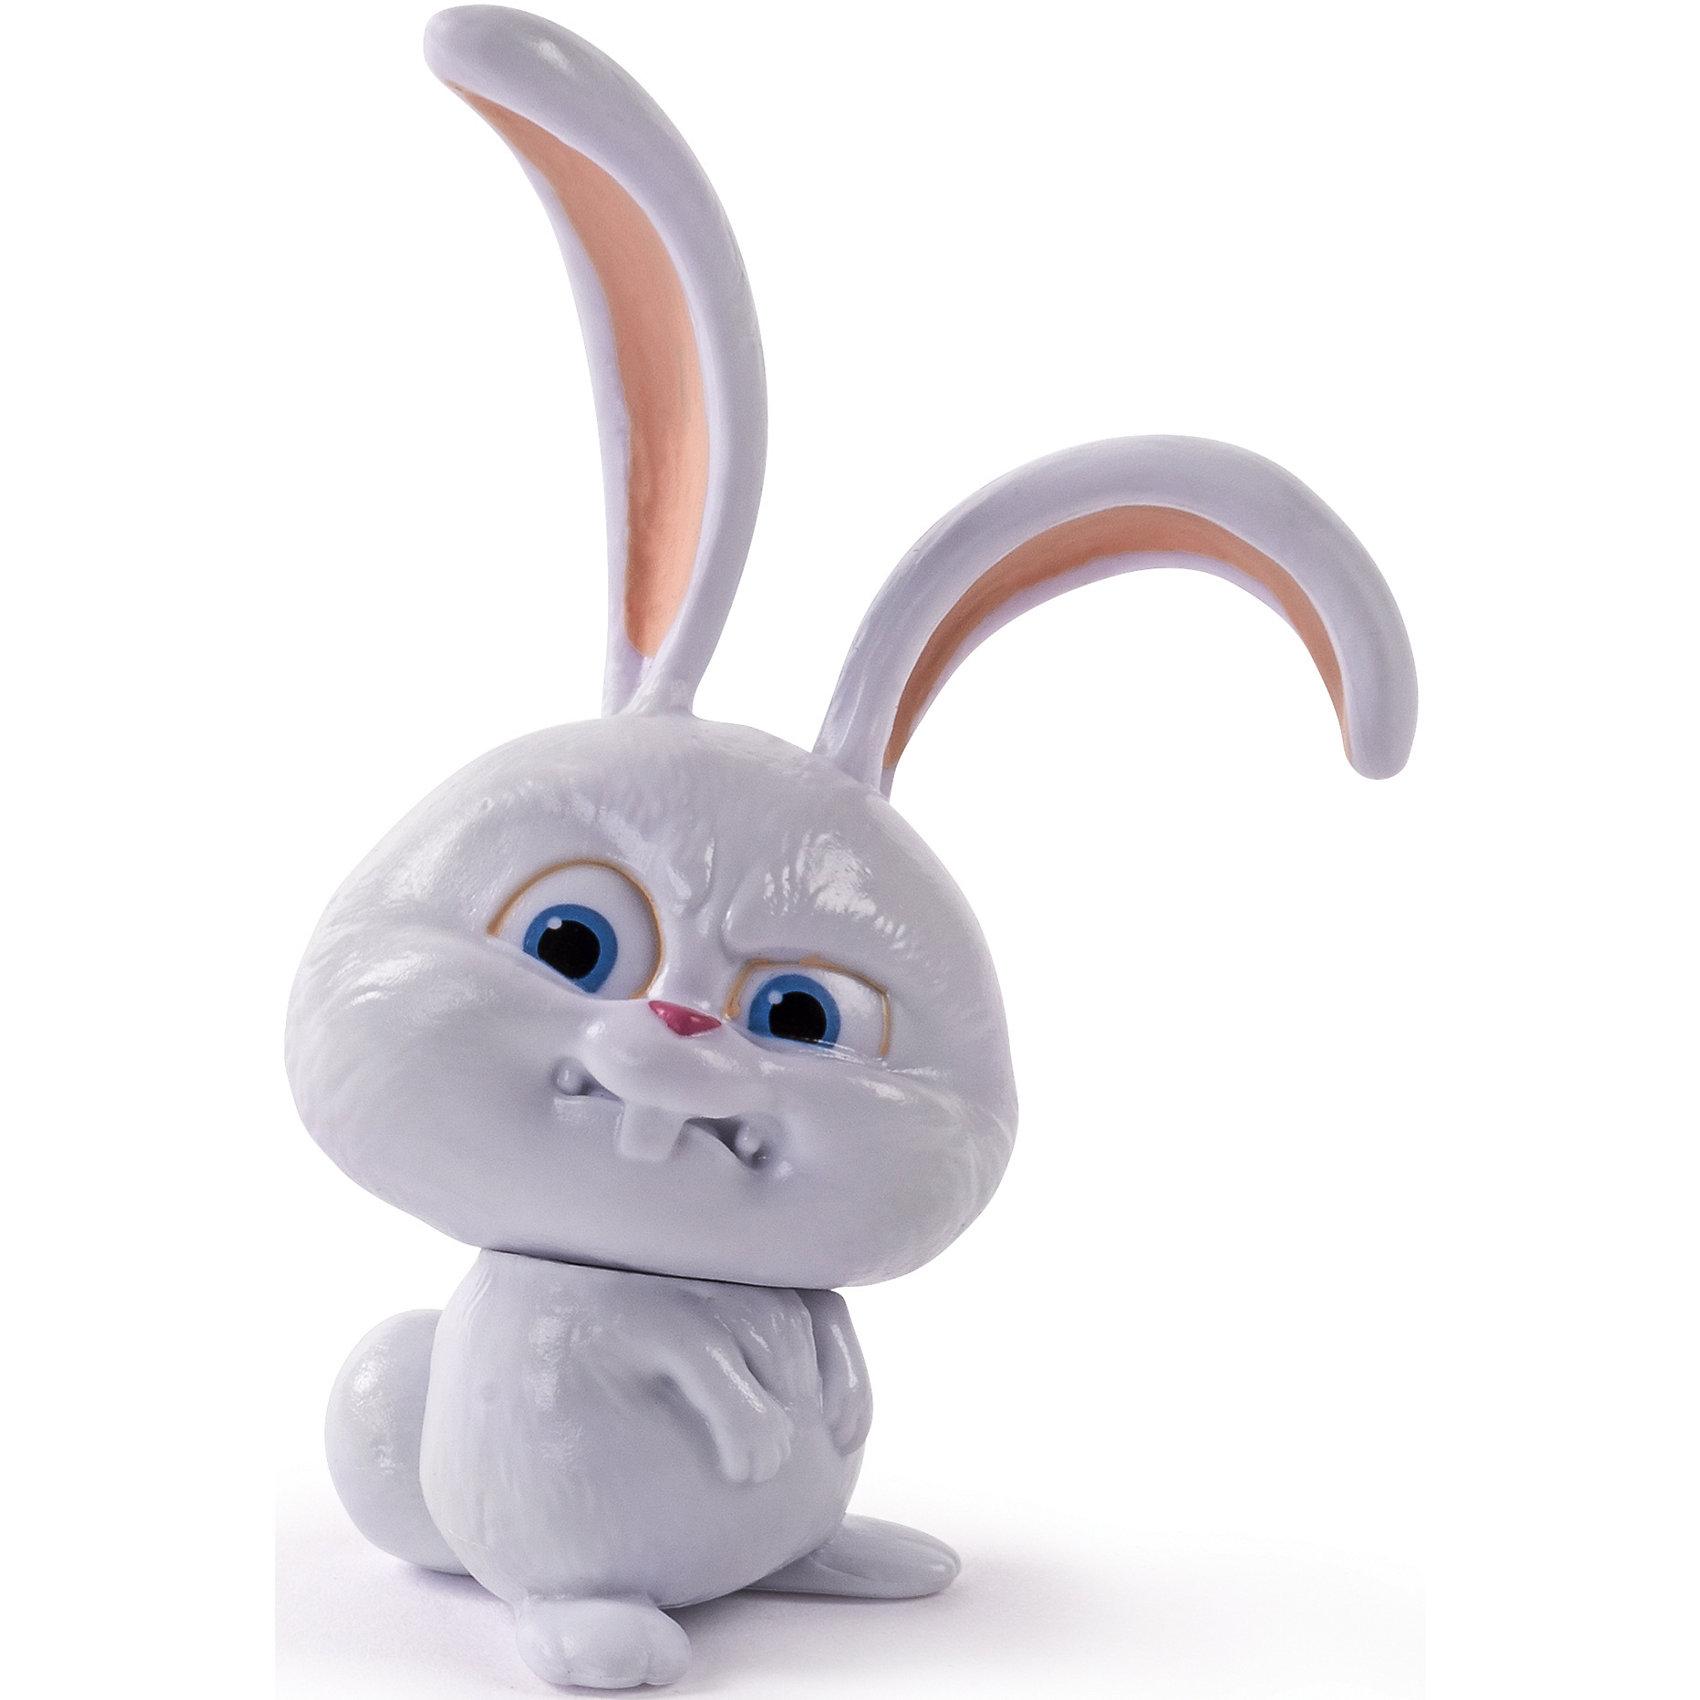 Фигурка героя, Тайная жизнь домашних животных, 20071755Фигурка с подвижными частями тела. Размер 6-8 см. Блистерная упаковка. Фигурка изображает  одного из главных героев мультфильма, среди них - терьер Макс, неряшливый дворняга Дюк, озлобленный кролик Снежок, упитанная кошка Хлоя, добродушный мопс Мел и очаровательная девочка-шпиц Гиджет. У  фигурки поворачиваются голова.<br><br>Ширина мм: 140<br>Глубина мм: 205<br>Высота мм: 60<br>Вес г: 140<br>Возраст от месяцев: 36<br>Возраст до месяцев: 144<br>Пол: Унисекс<br>Возраст: Детский<br>SKU: 4905848